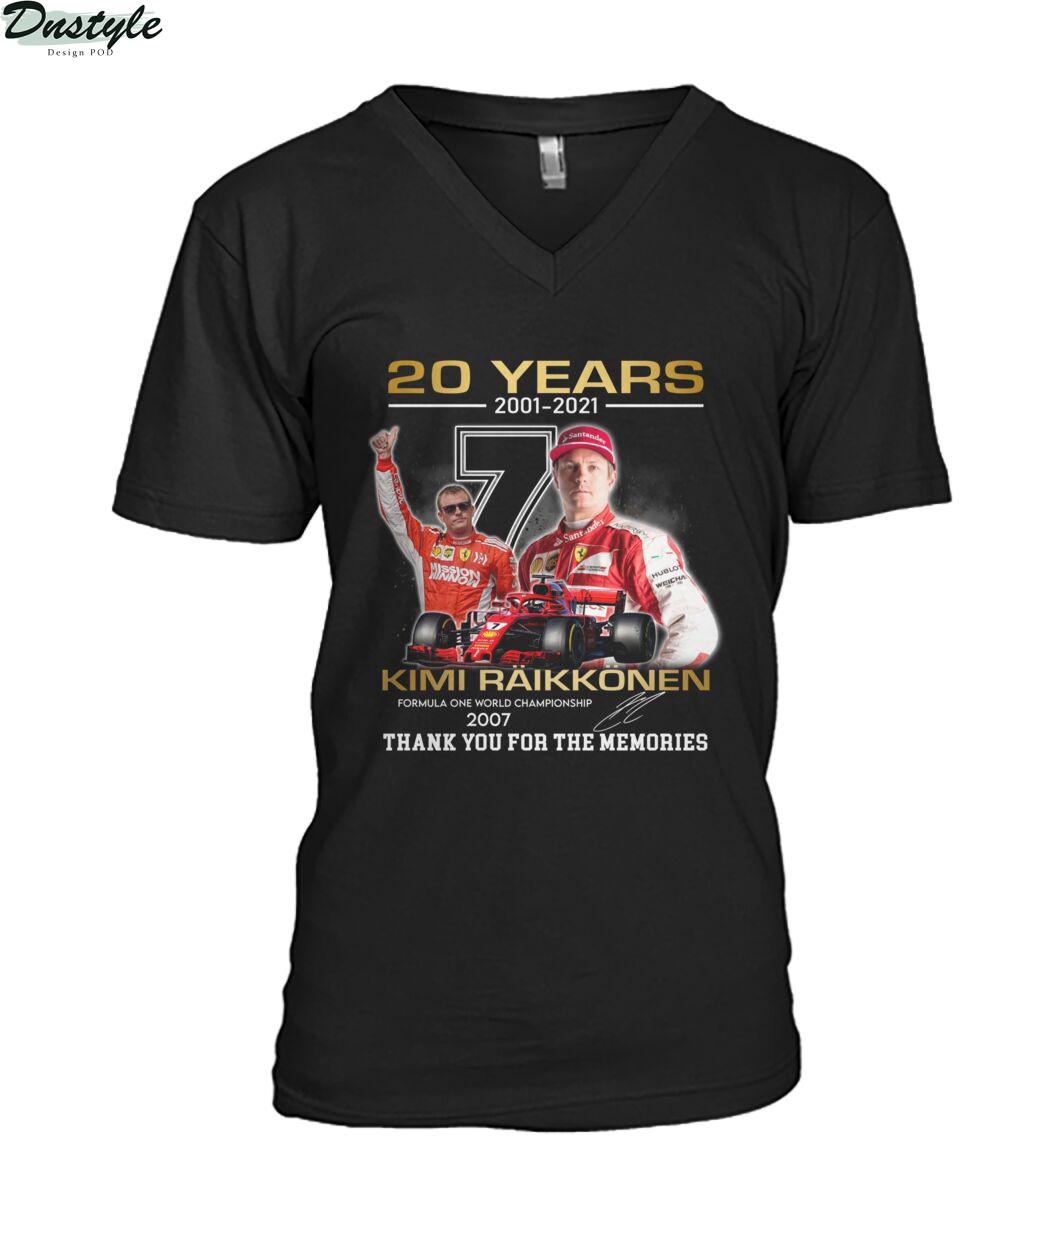 20 years 2001 2021 Kimi Räikkönen f1 world championship 2007 v-neck